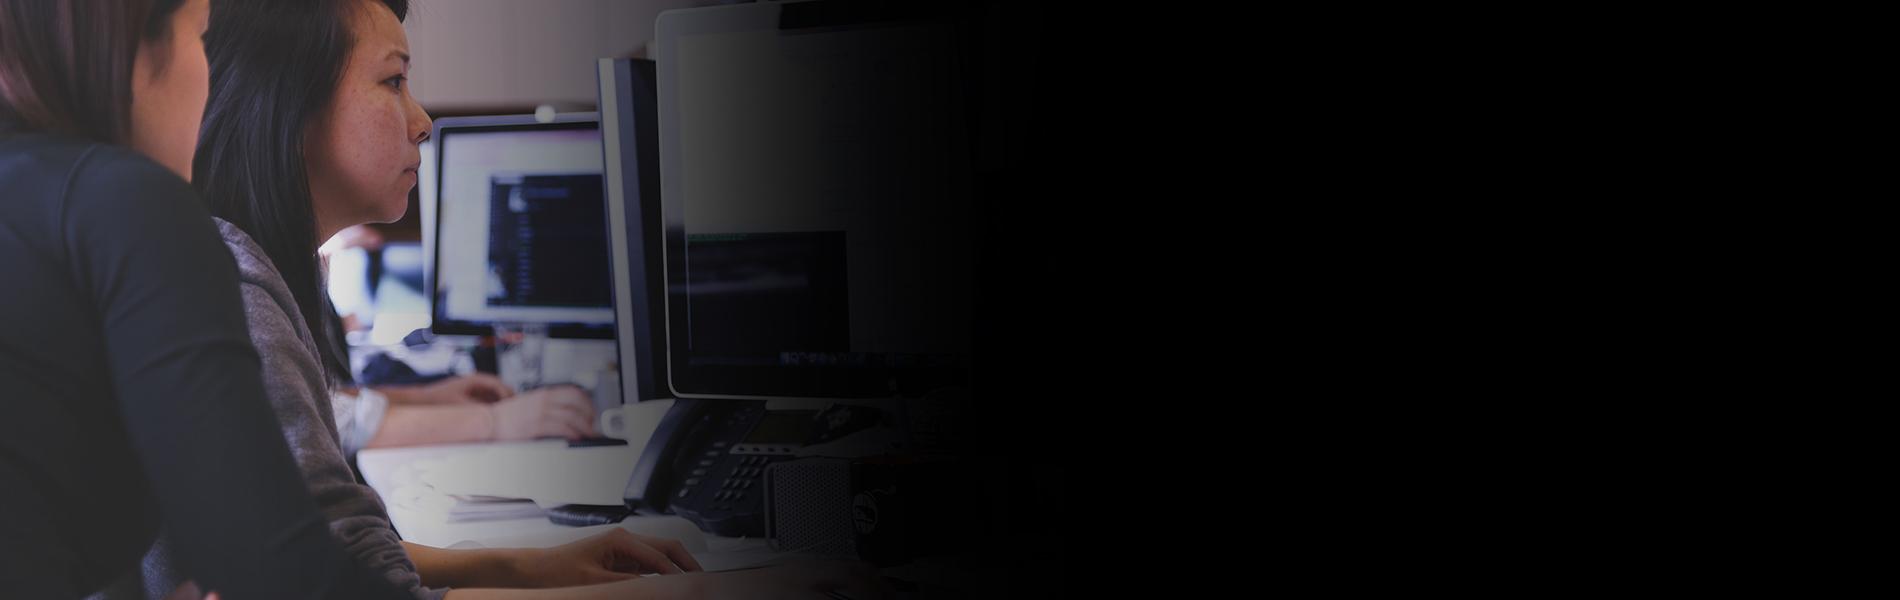 Web動画のビジネス活用法を無料で学ぶ